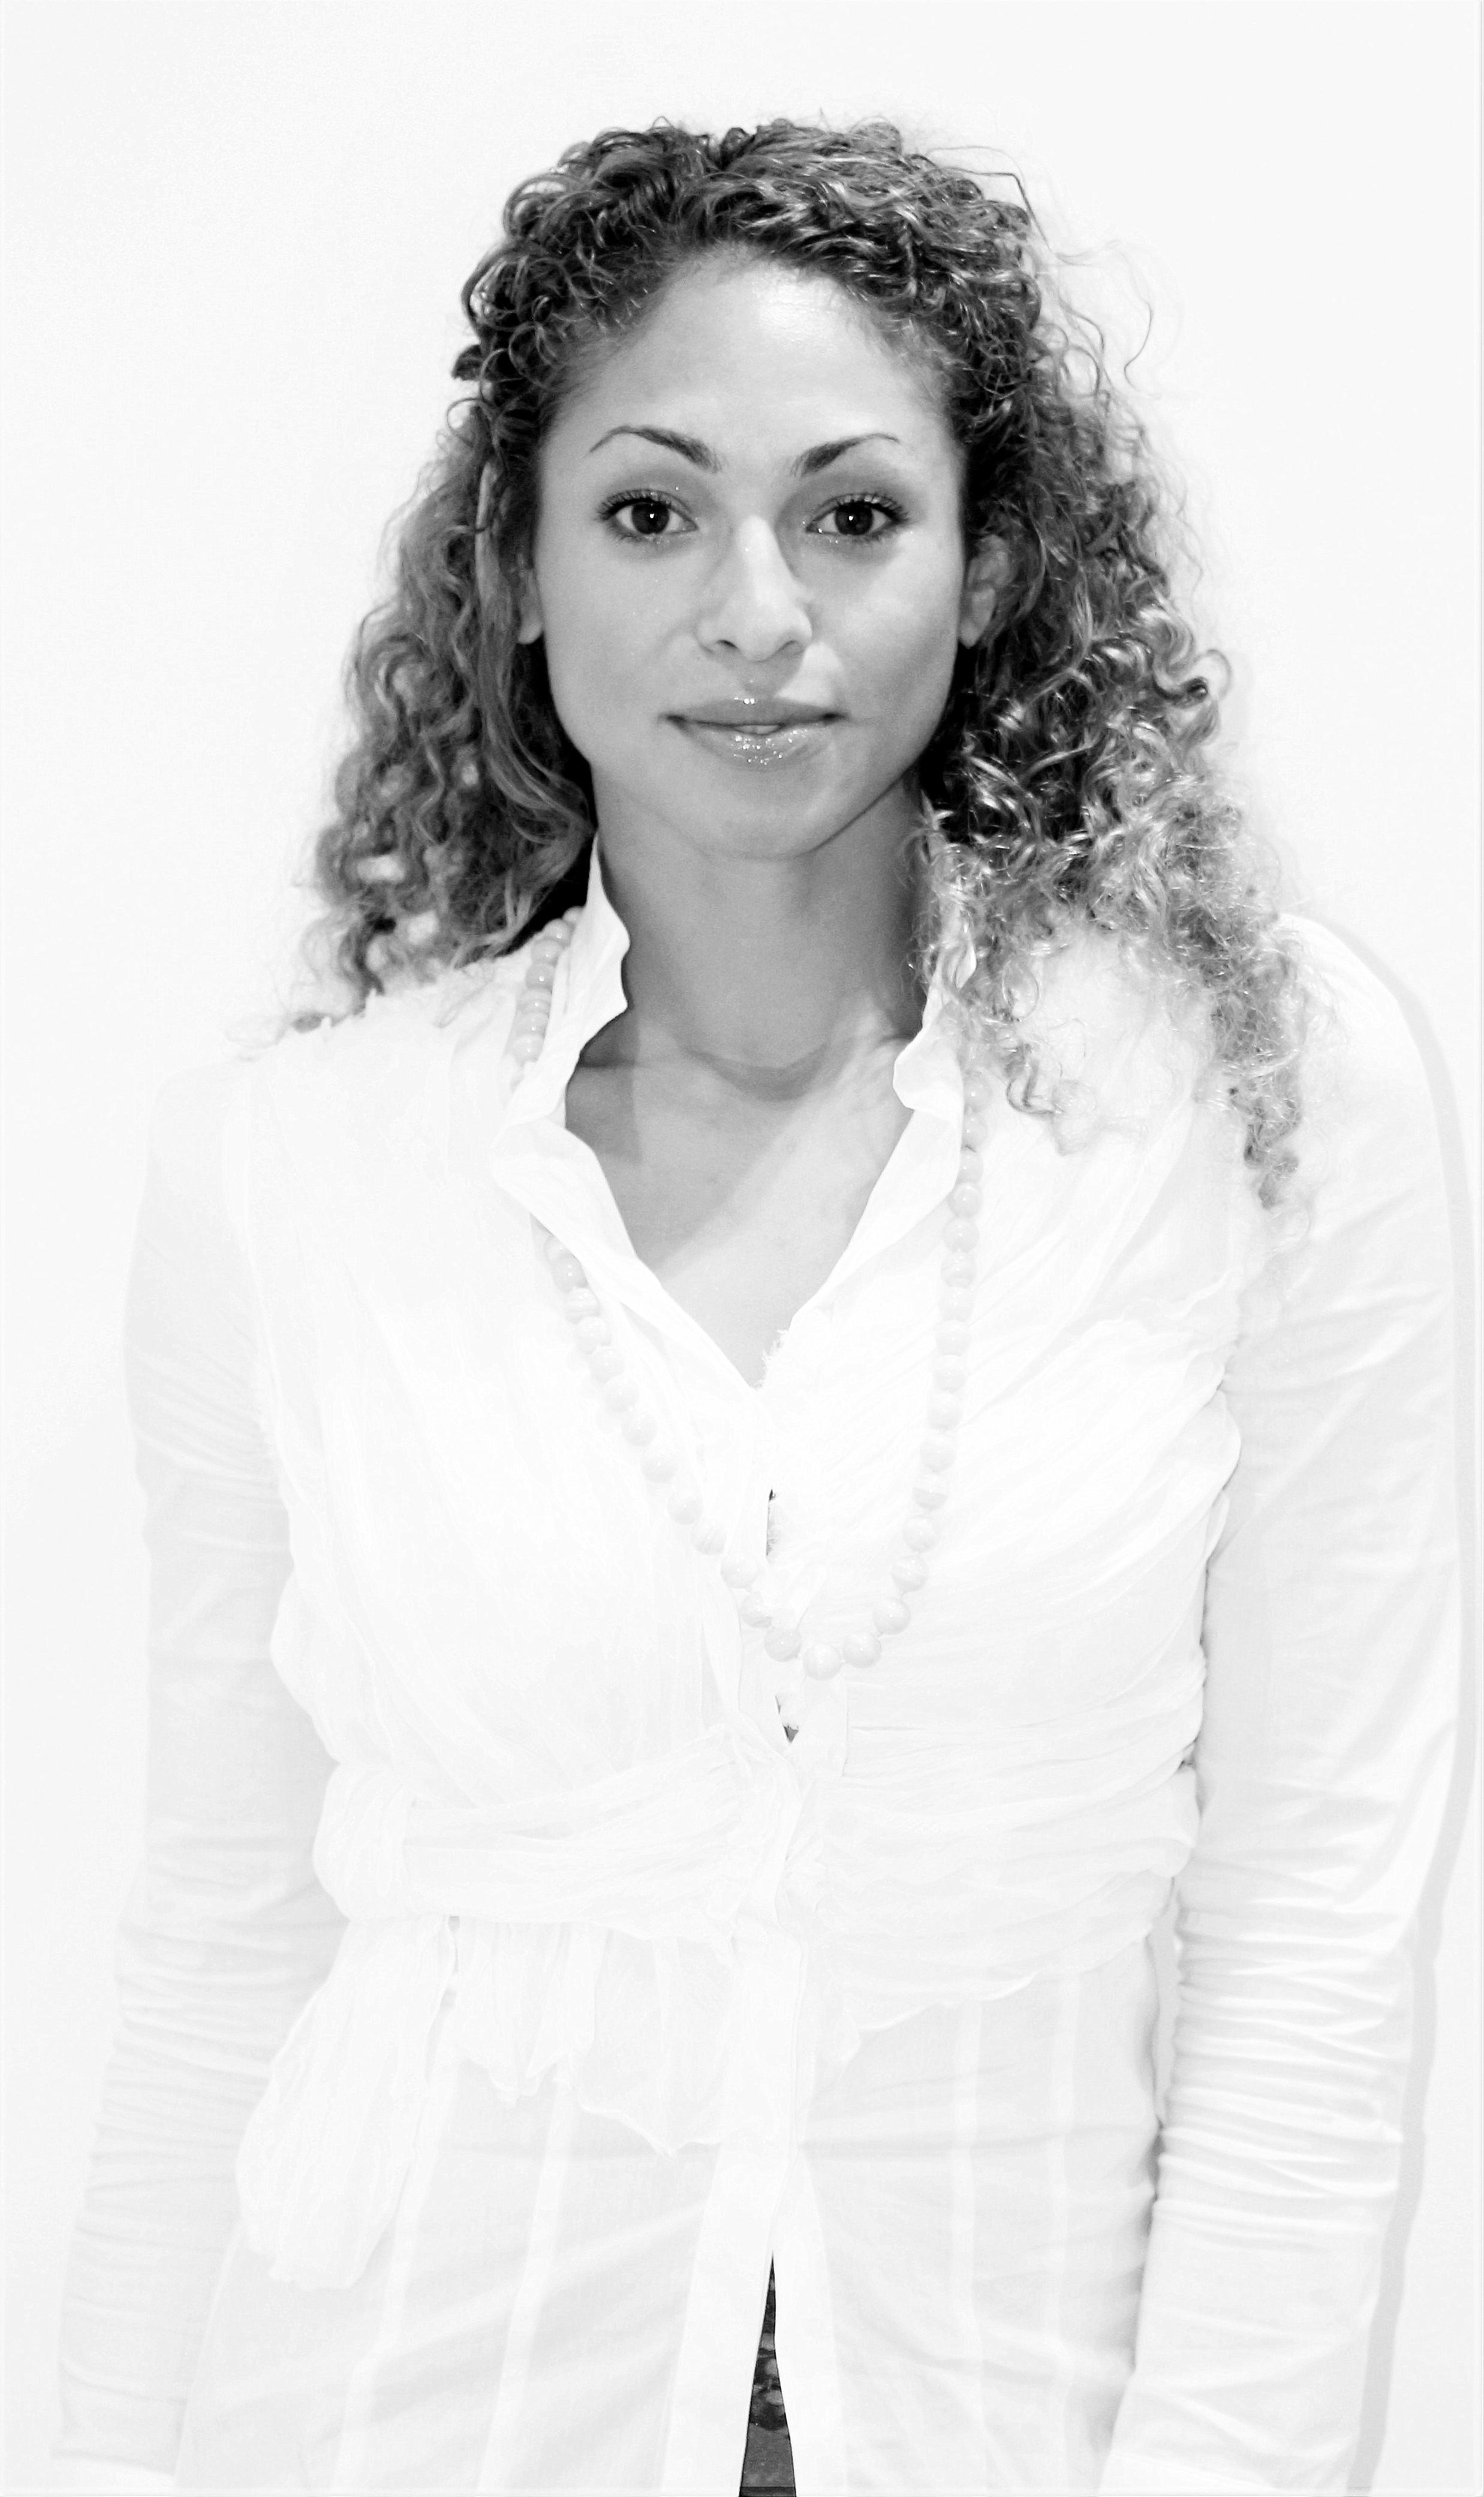 Oriana Juvelier